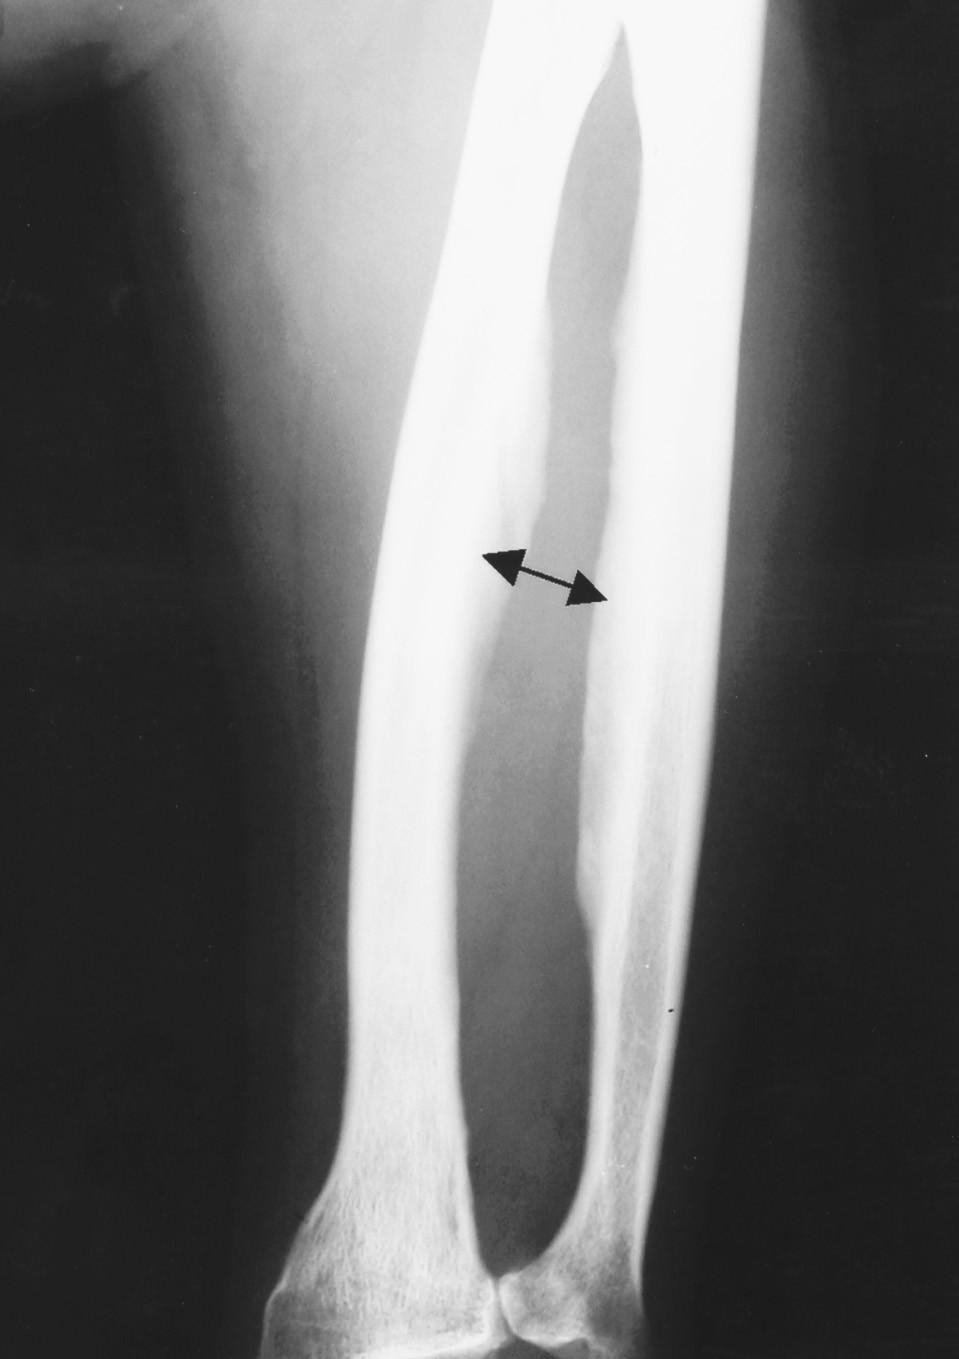 Fluoróza II.–III. štádium Osteoskleróza diafýzy kostí predlaktia a osifikácie v membrana interossea (šípky)